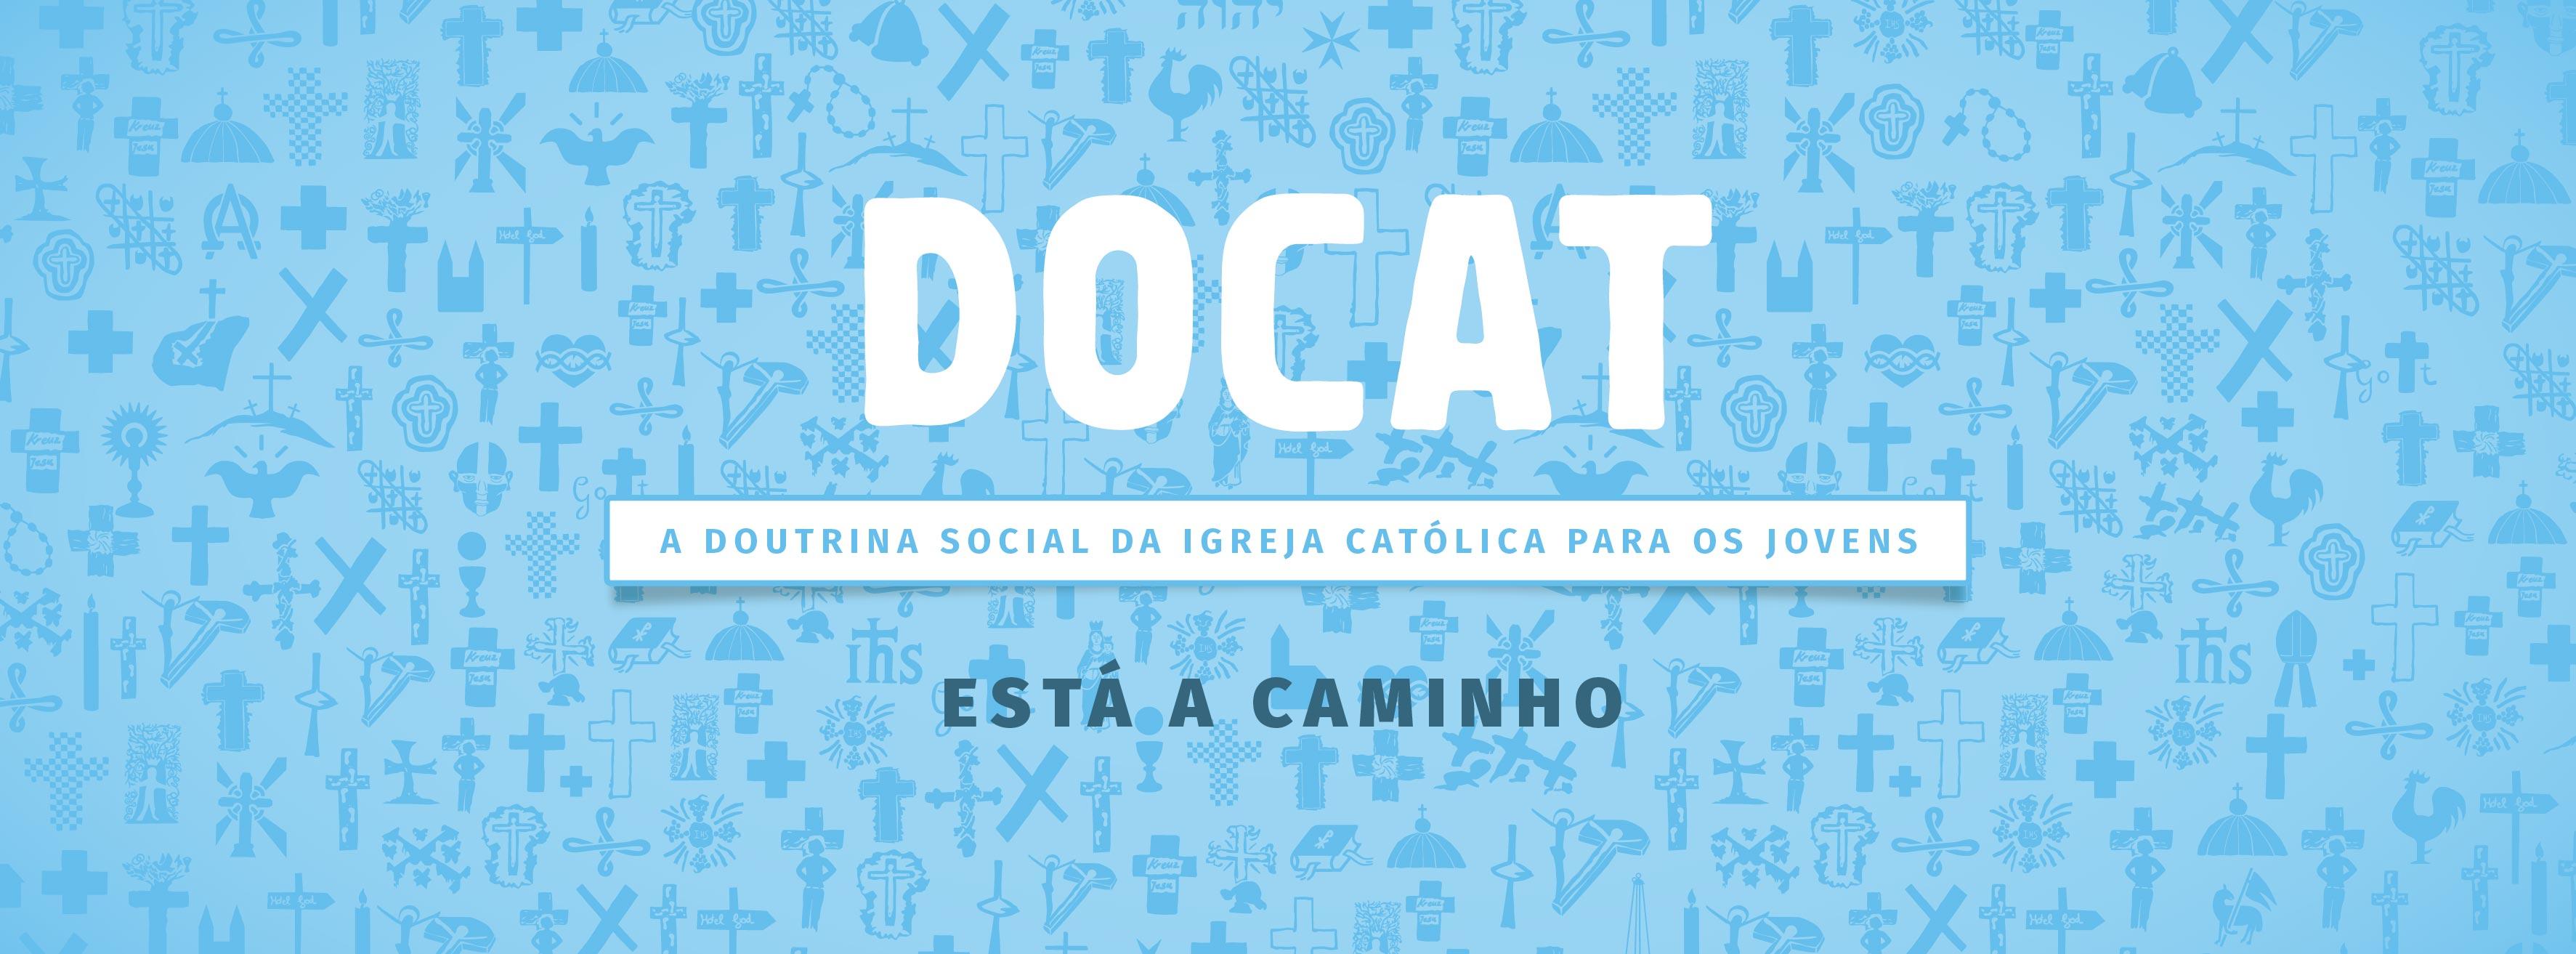 DOCAT - a Doutrina Social da Igreja Católica para os Jovens